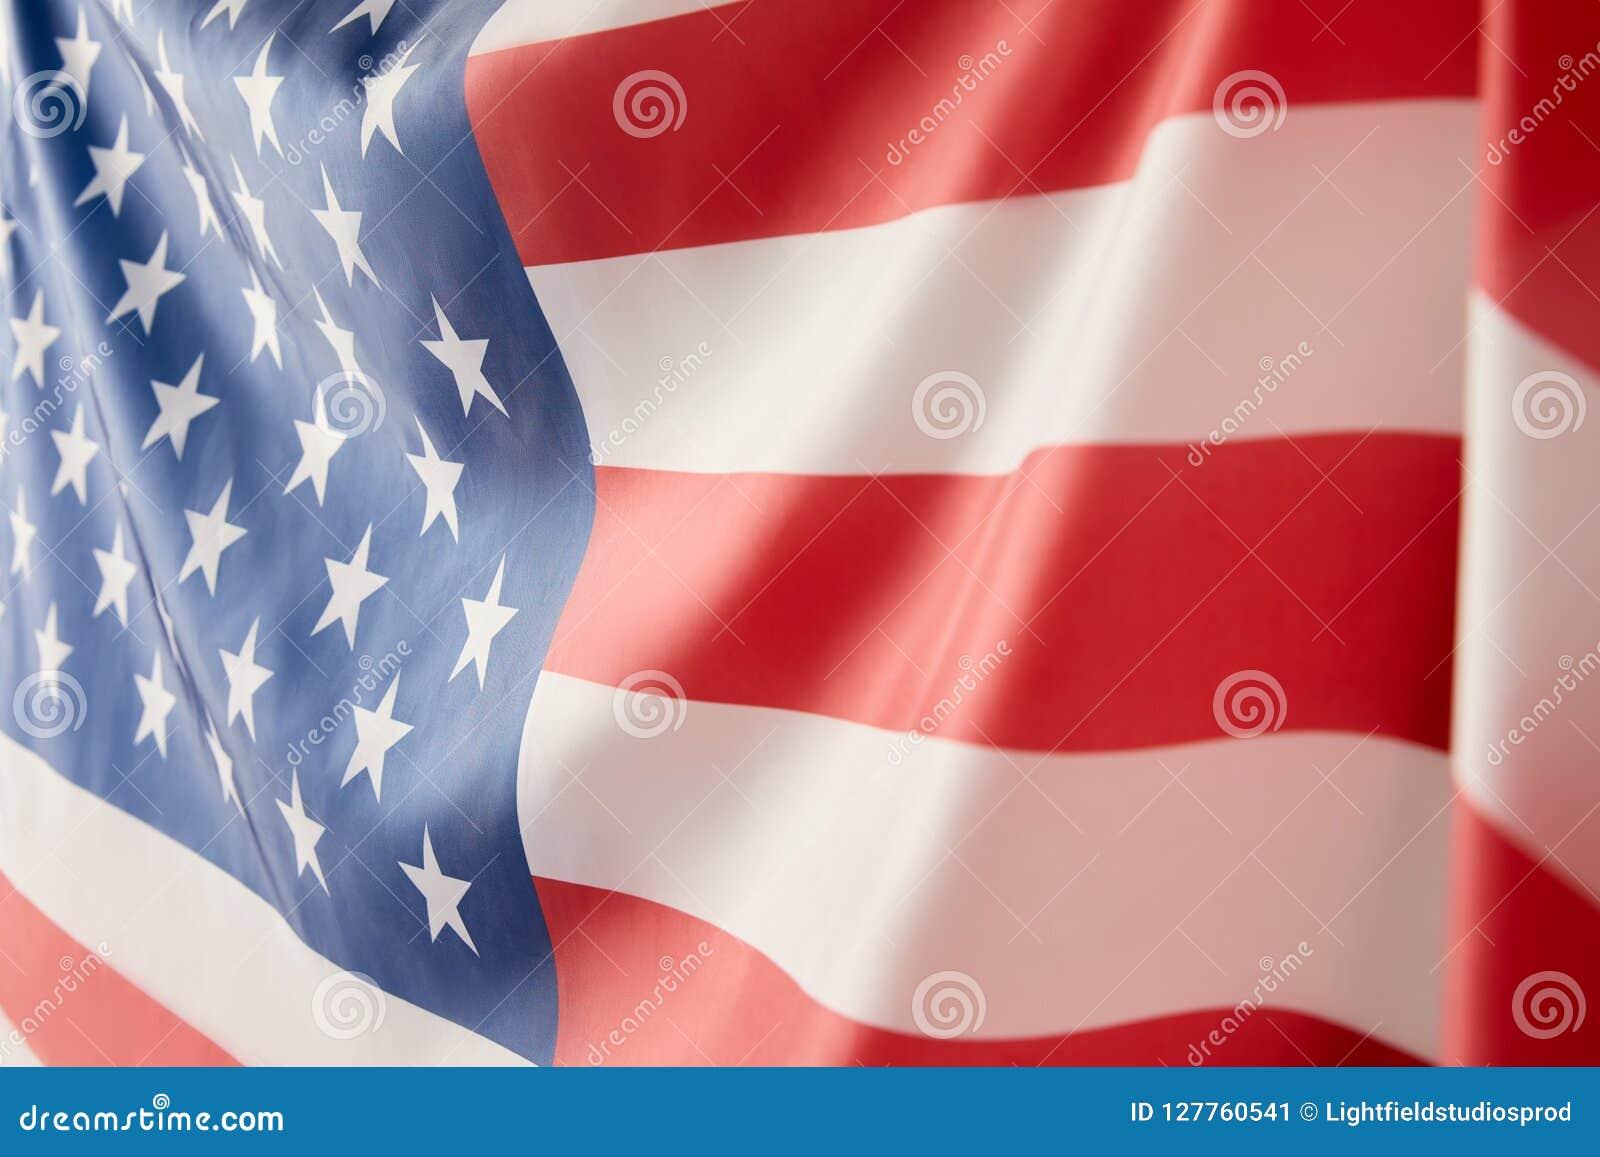 Sluit omhoog mening van de vlag van de Verenigde Staten van Amerika